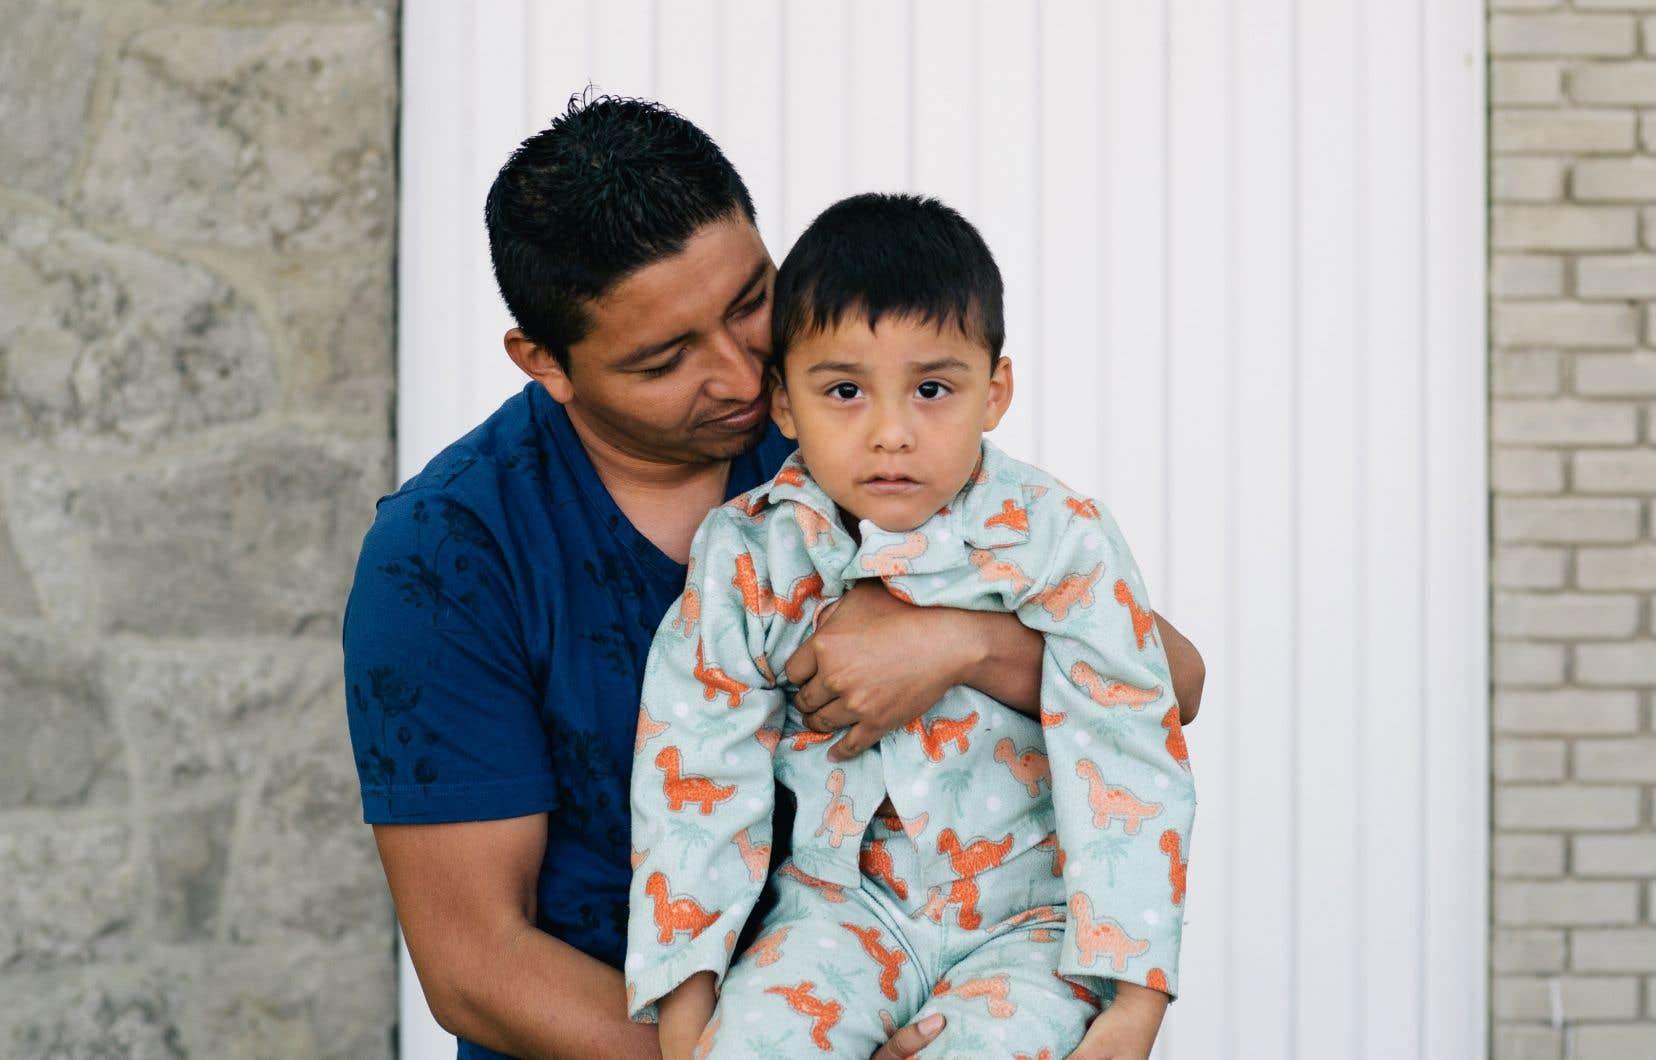 Devant un supermarché Métro, l'organisme Carrefour Solidarité Anjou a distribué lundi des paniers alimentaires à des familles de demandeurs d'asile qui sont particulièrement éprouvées par la pandémie. Parmi eux, Enrique Loria, qui enlace son fils Axel, a vu sa vie complètement bouleversée par la mort de sa femme il y a deux semaines.